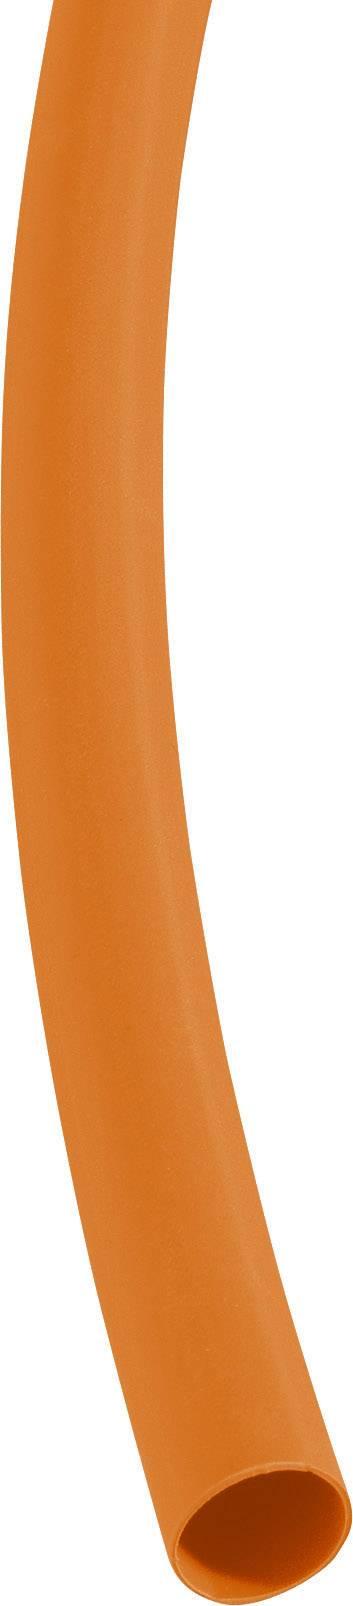 Zmršťovacia bužírka bez lepidla DSG Canusa 3290380203, 3:1, 39 mm, oranžová, metrový tovar